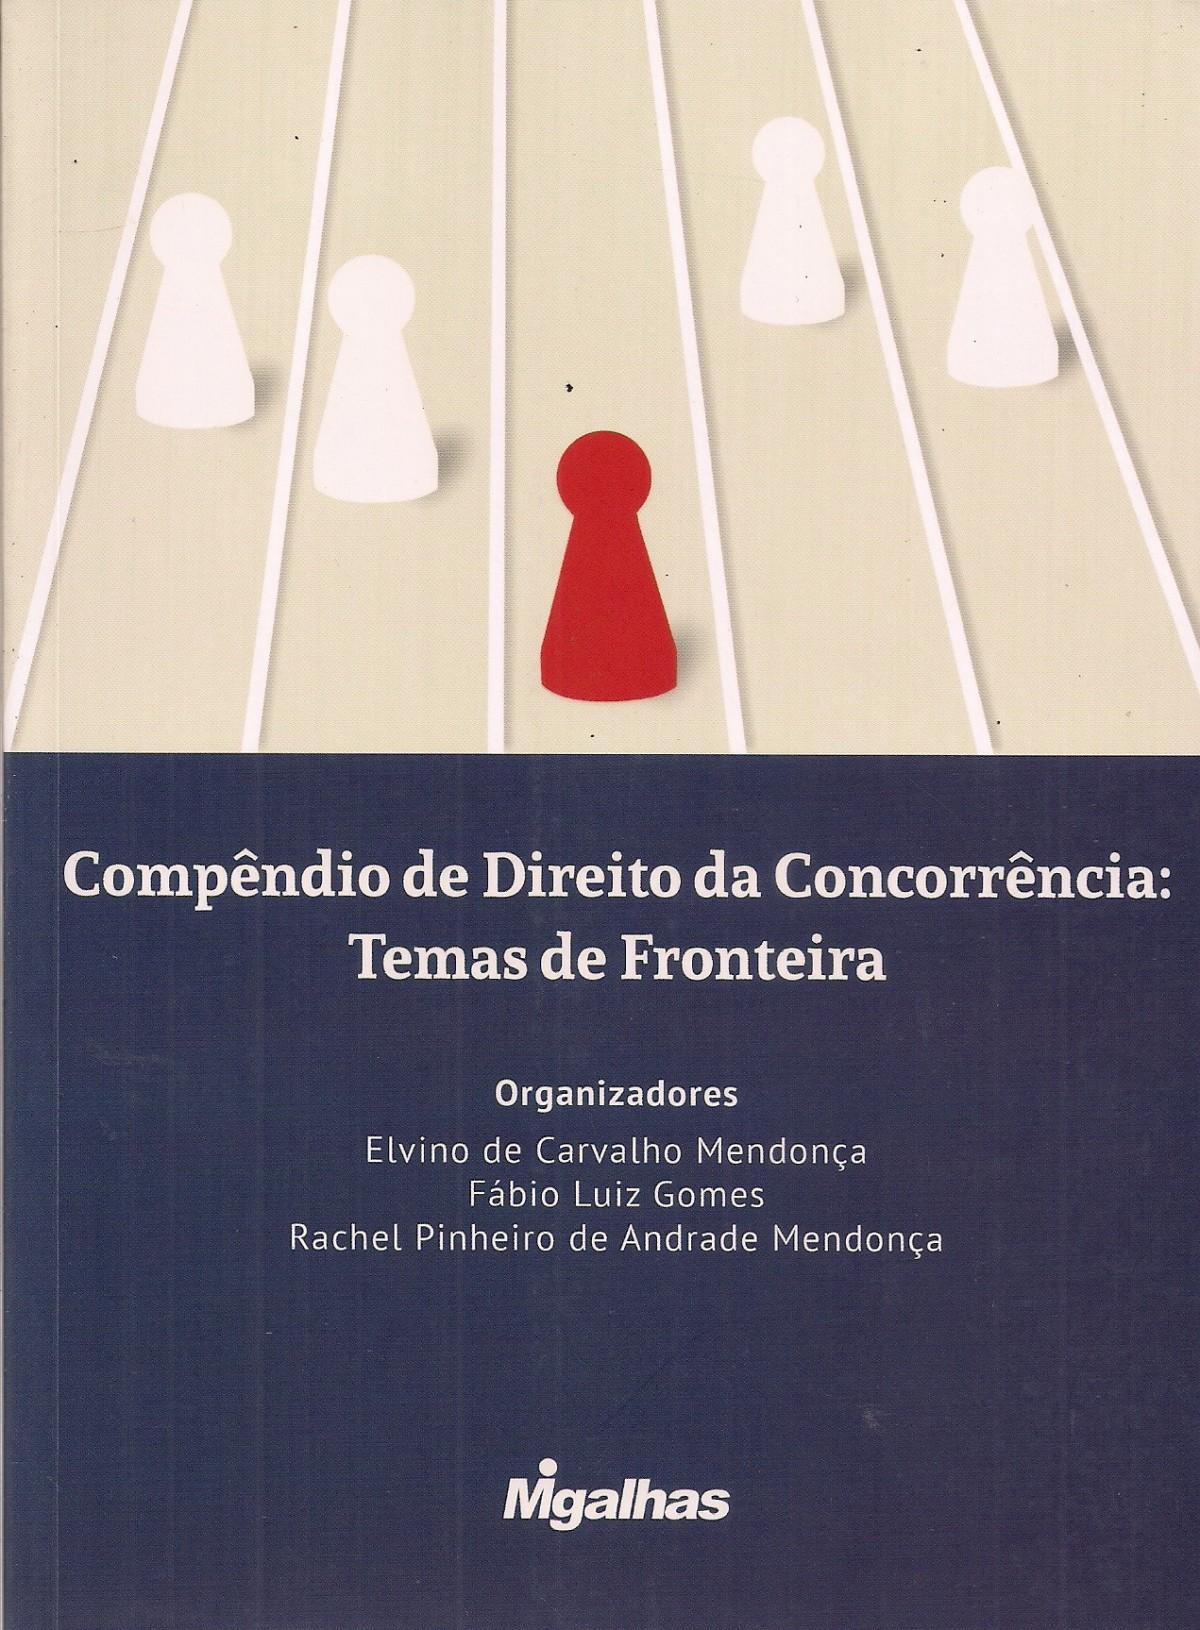 Foto 1 - Compêndio de Direito da Concorrência: Temas de Fronteira